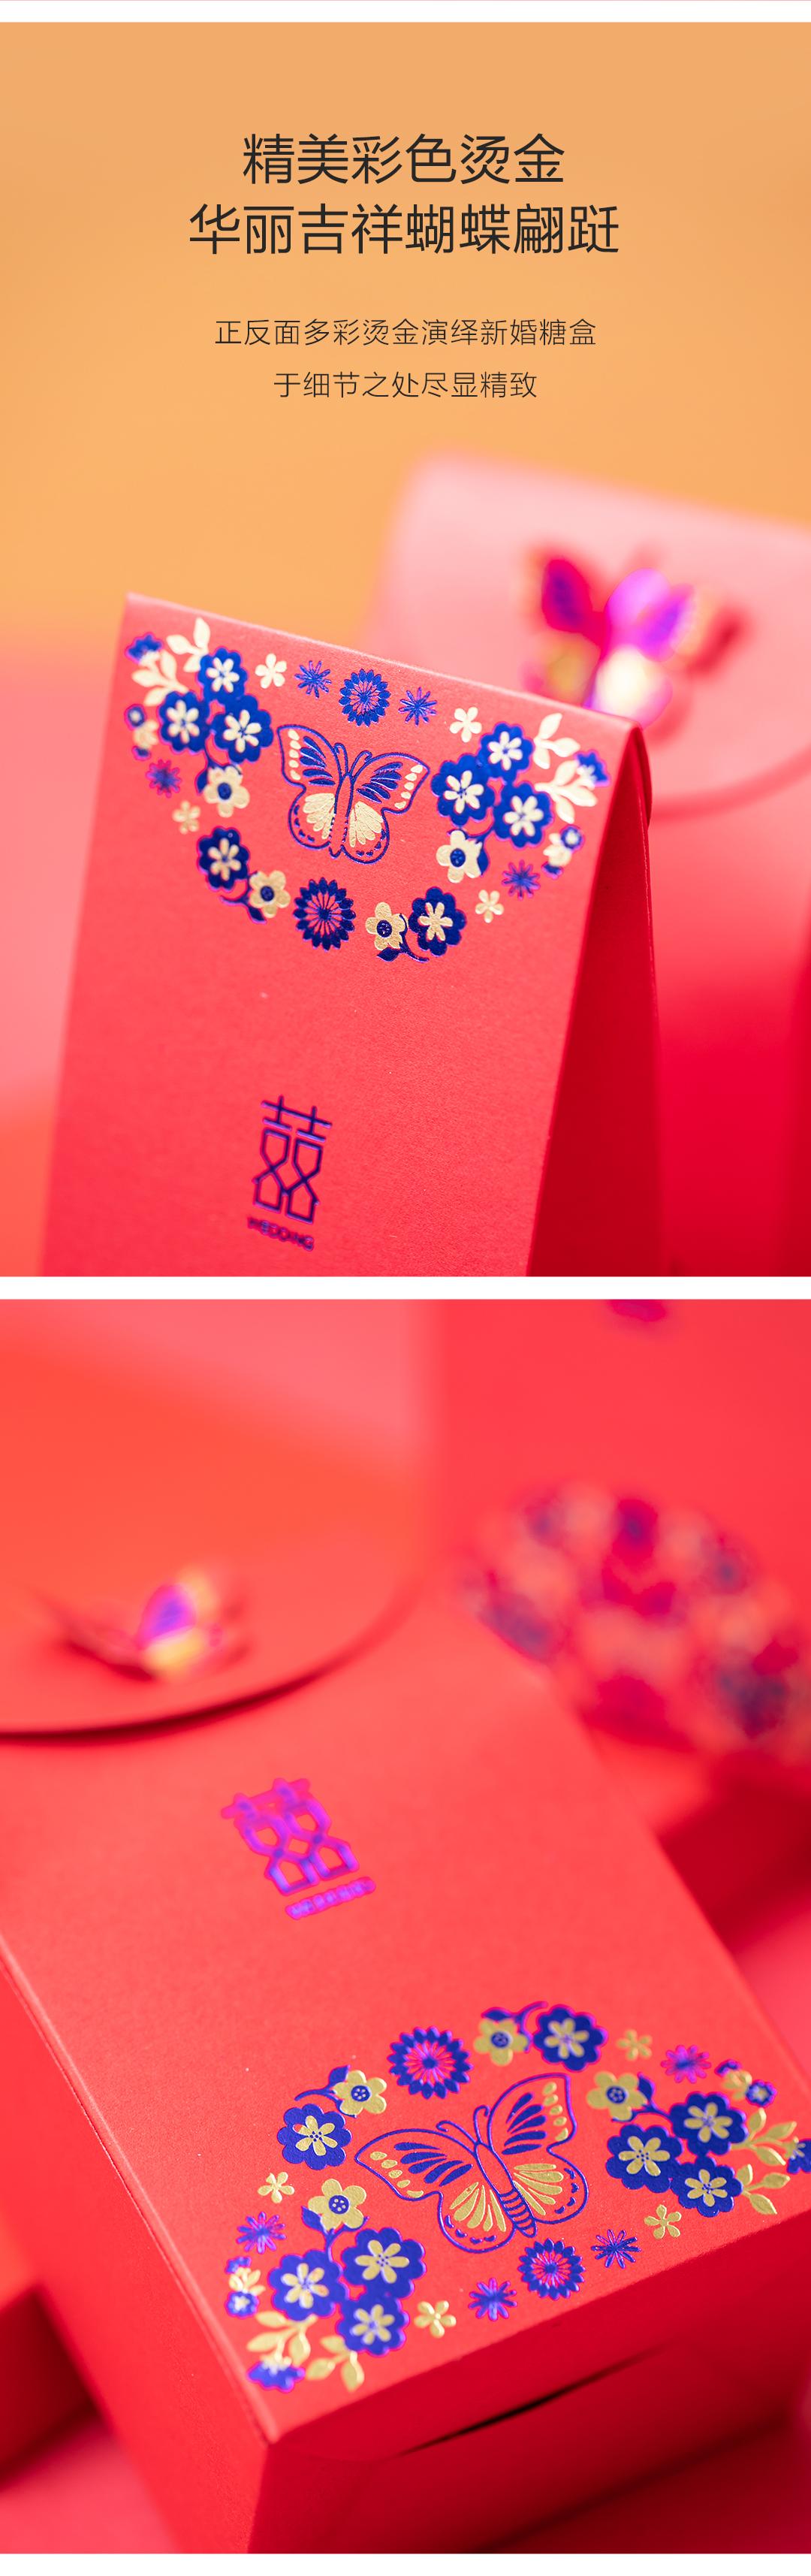 【大号可装烟】蓝金蝴蝶喜糖盒